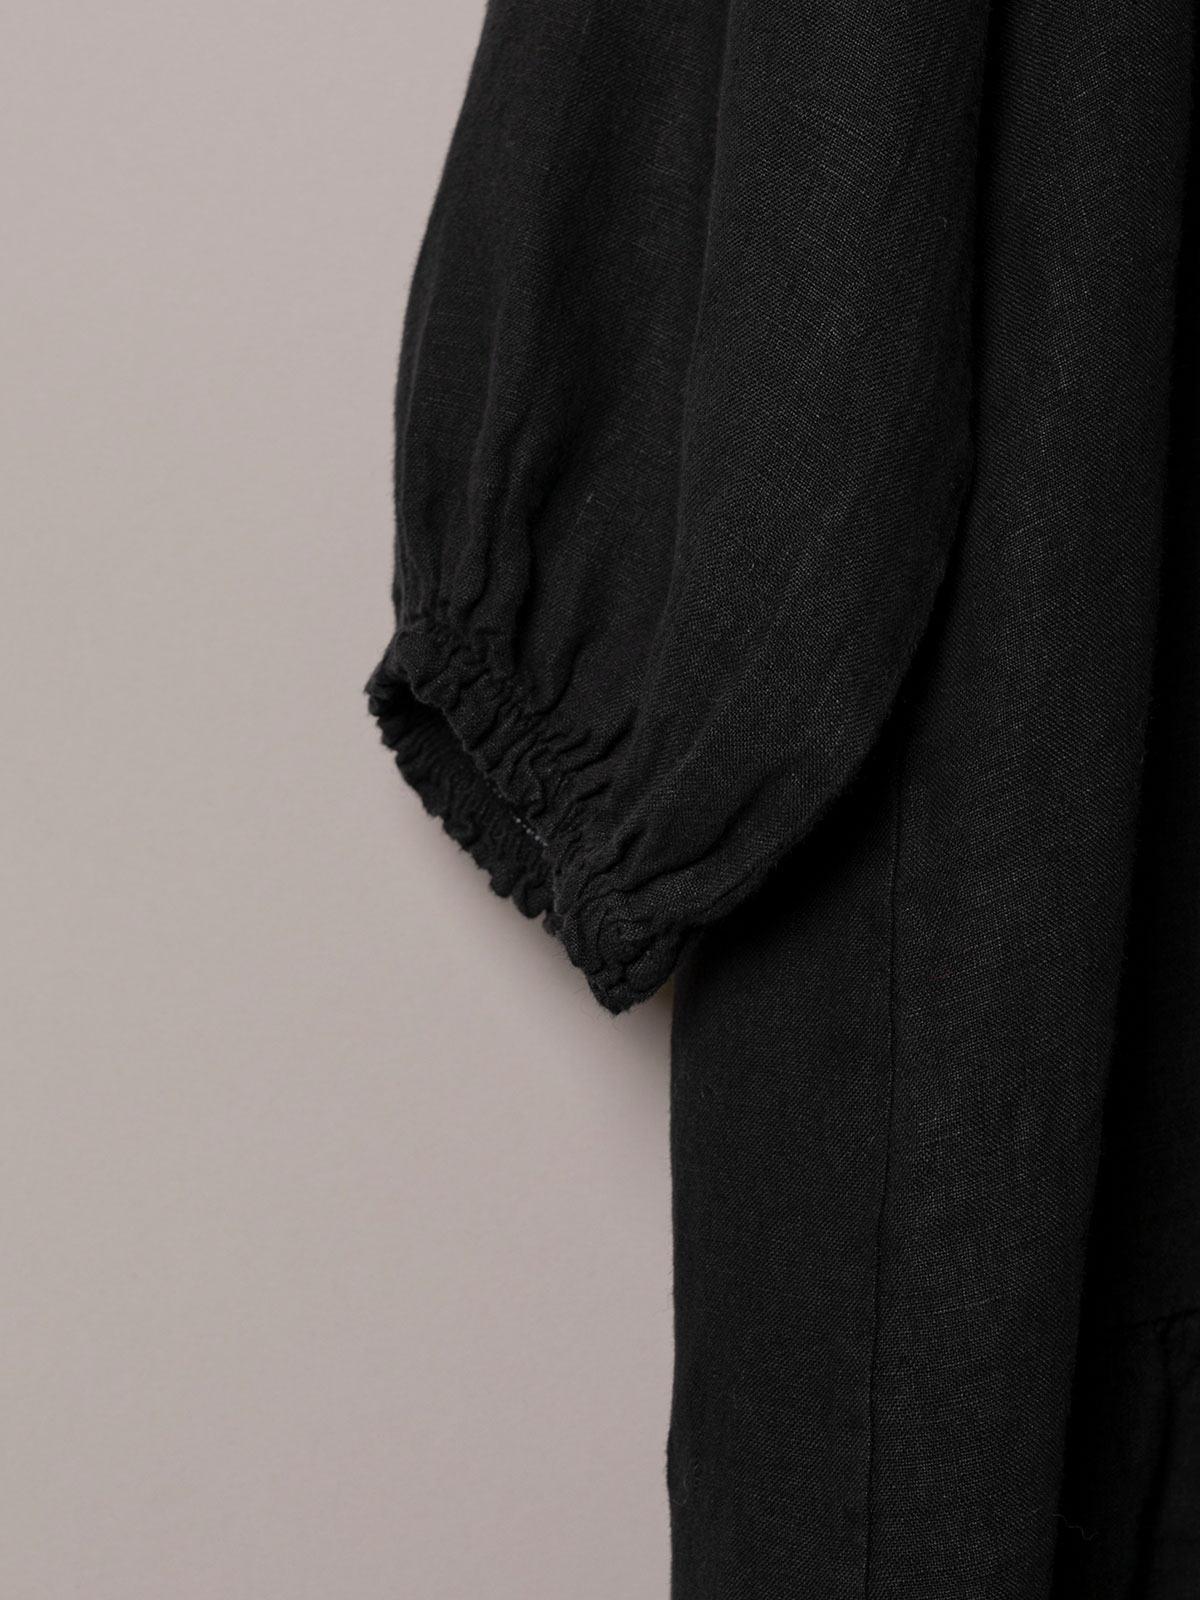 Woman Long sleeve linen dress details Black